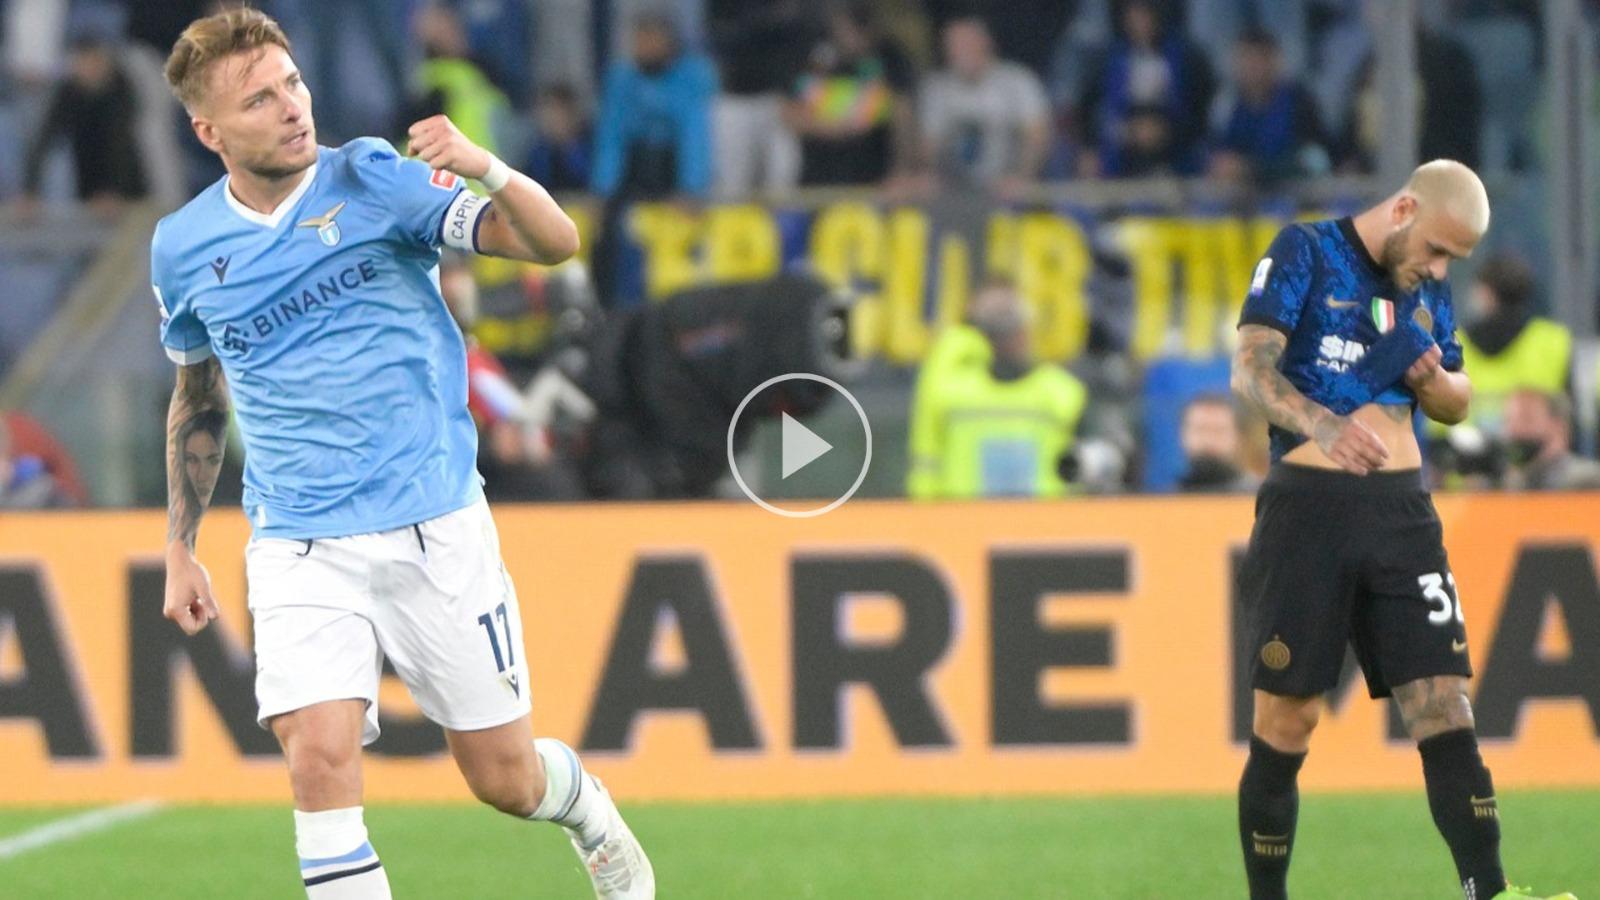 بالفيديو...أهداف الدفعة الأولى من الأسبوع الثامن للكالتشيو الإيطالي